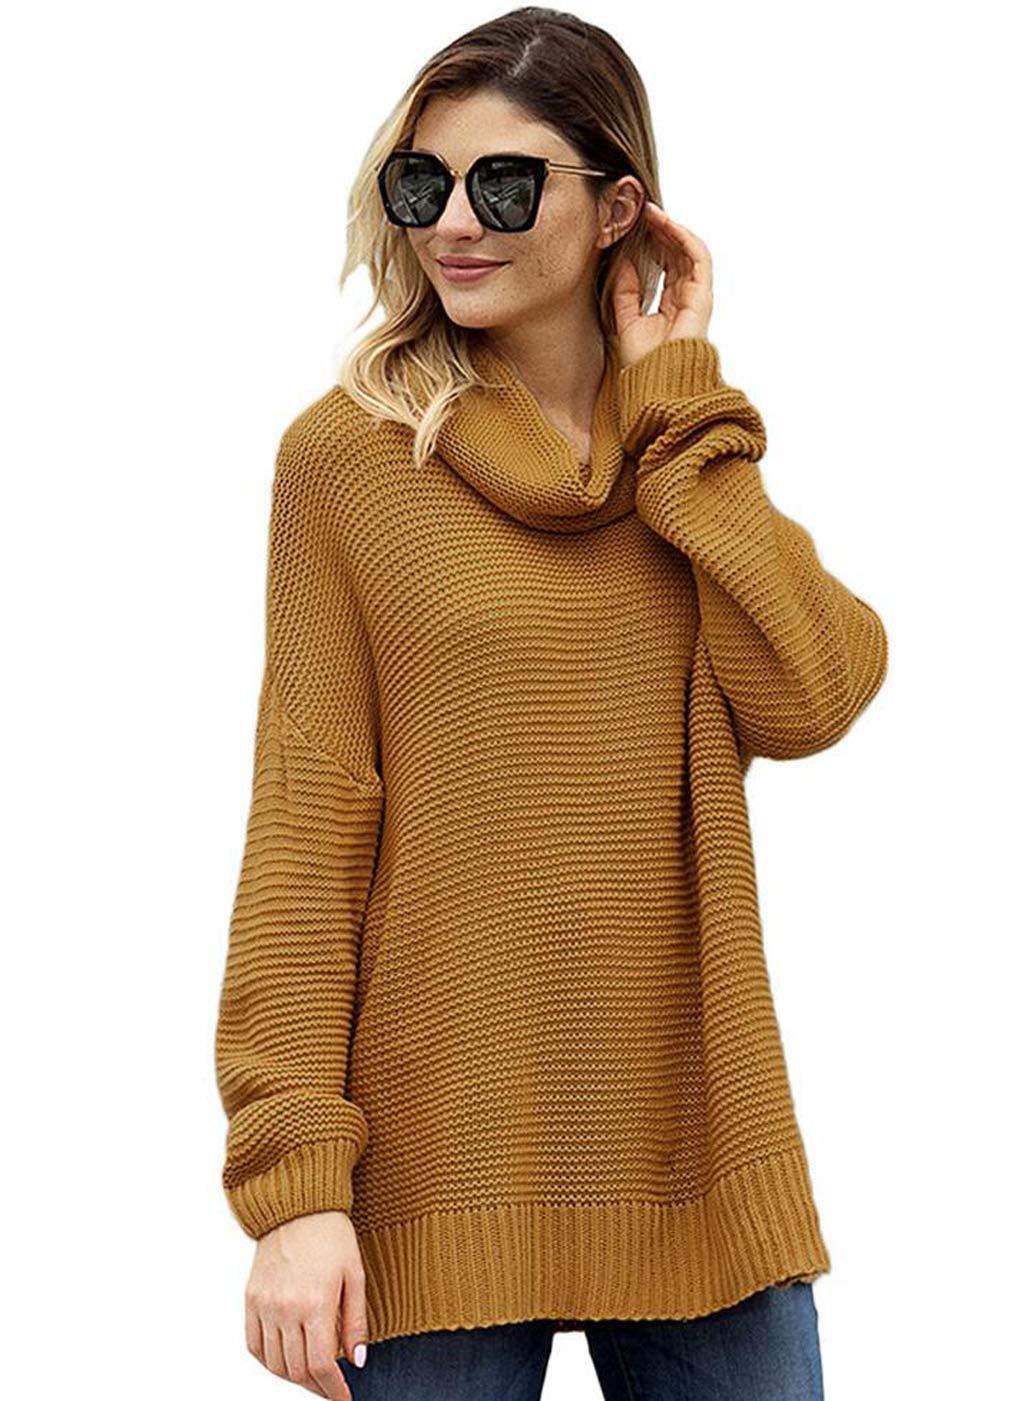 ACVXZ Suéteres para Mujeres Europeas Y Americanas, Otoño E Invierno, Chaquetas Tejidas (Color : Amarillo, Tamaño : Metro): Amazon.es: Jardín